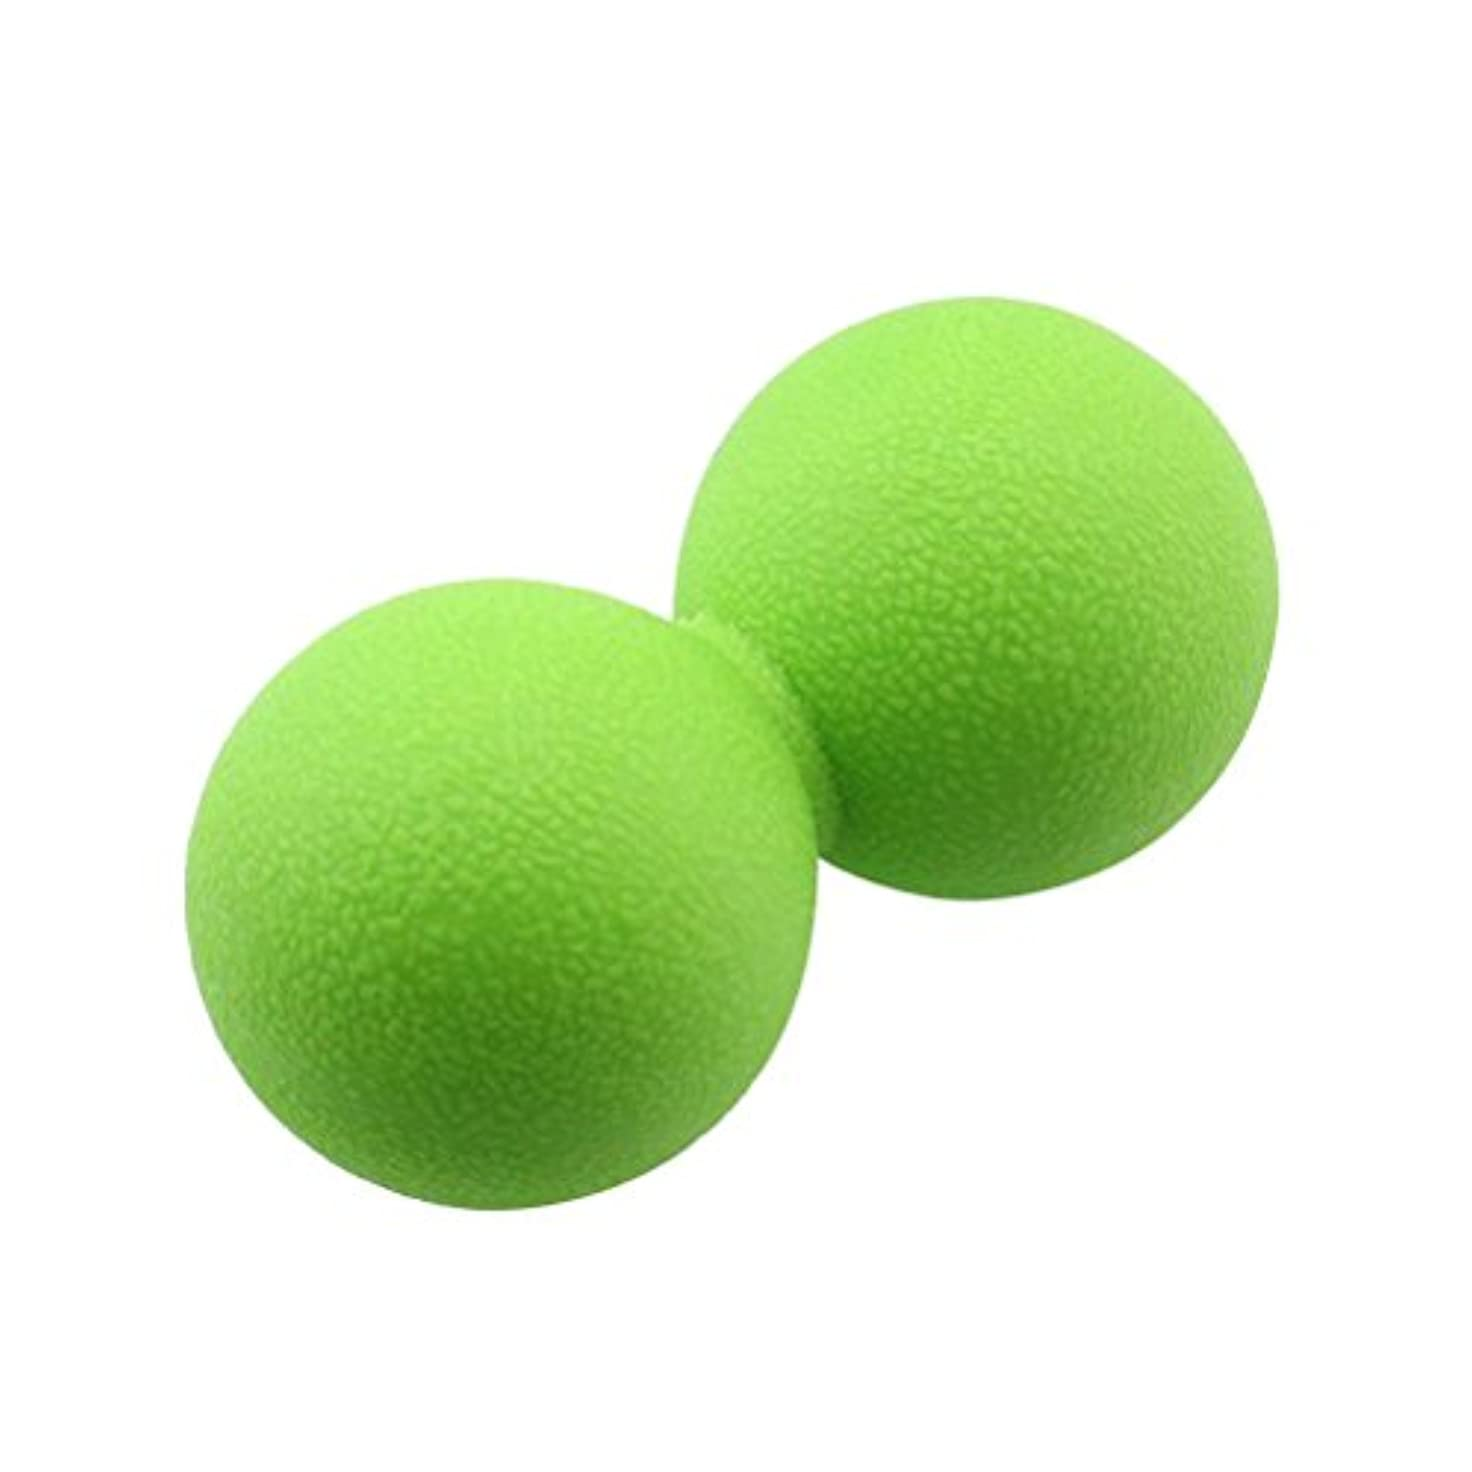 トースト受賞無効にするVORCOOL マッサージボール ストレッチボール ハードタイプ トリガーポイント トレーニング 背中 肩こり 腰 ふくらはぎ 足裏 ツボ押しグッズ スーパーハードタイプ 筋肉痛を改善 運動前後(緑)